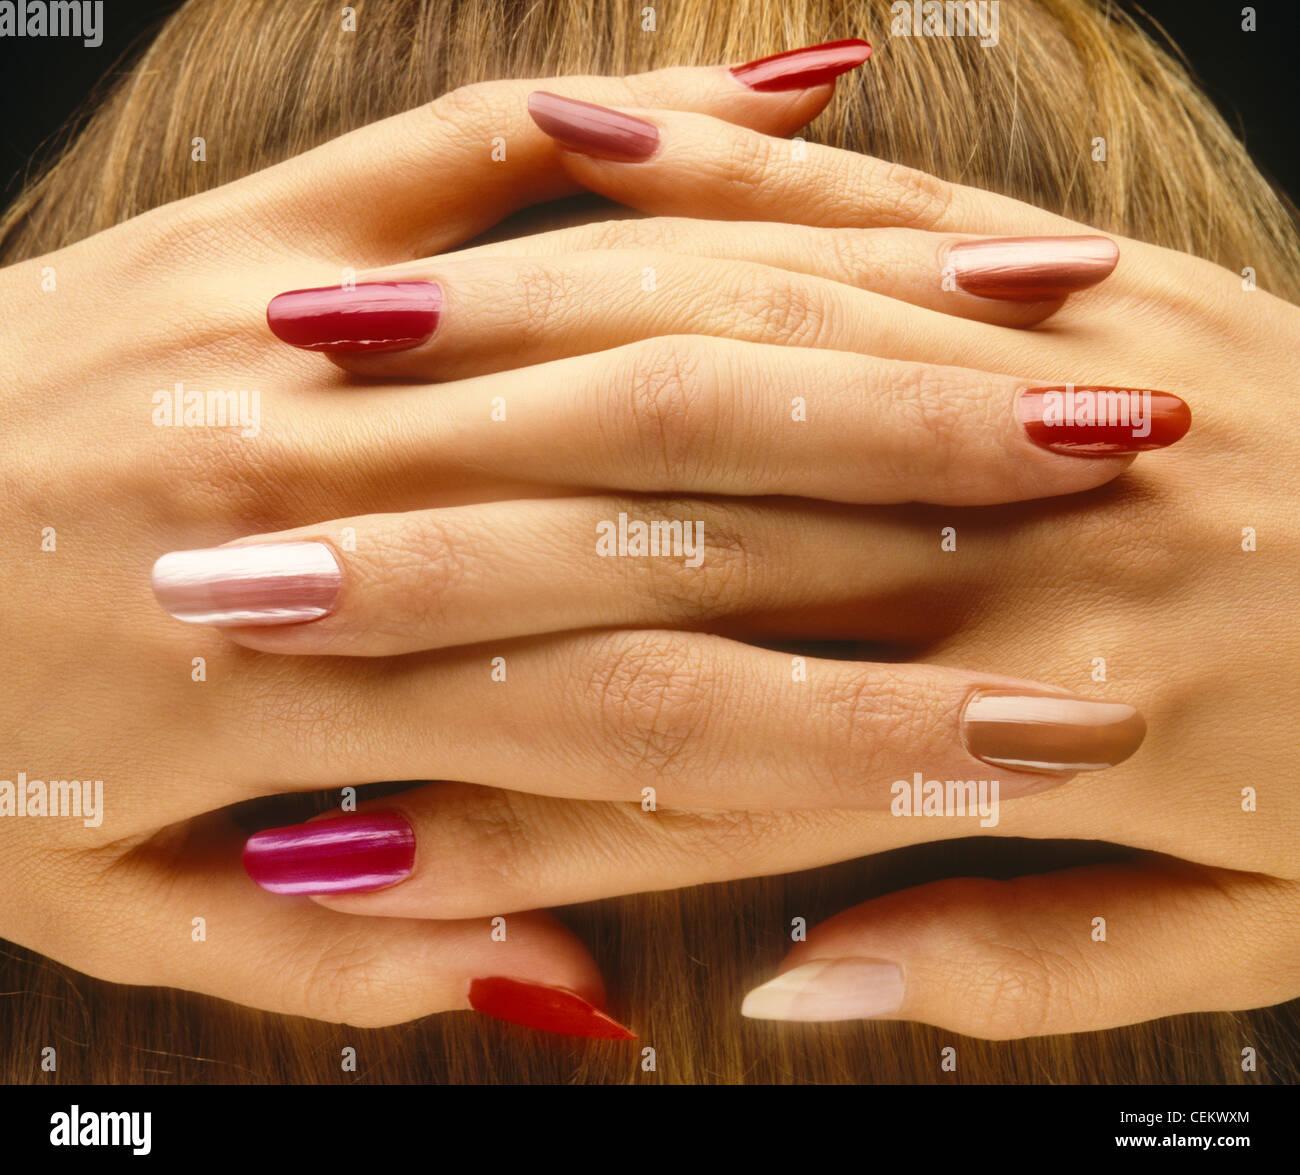 Hembra con sus dedos entrelazados detrás de su cabeza con diferentes colores de laca de uñas en cada dedo Imagen De Stock